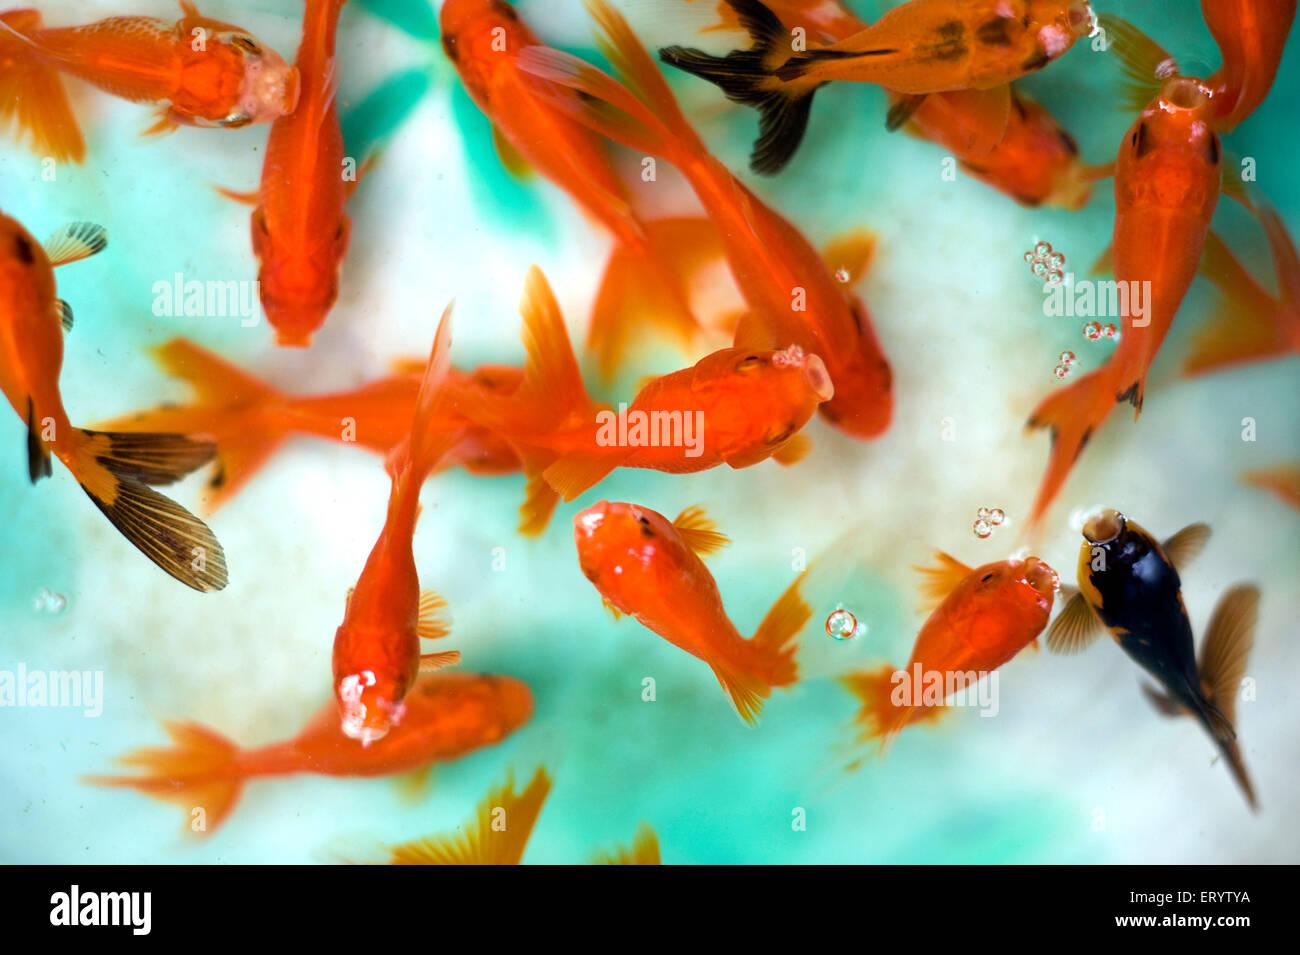 Aquarium Fish Cyprinidae Carassius Auratus Red Cap Oranda West